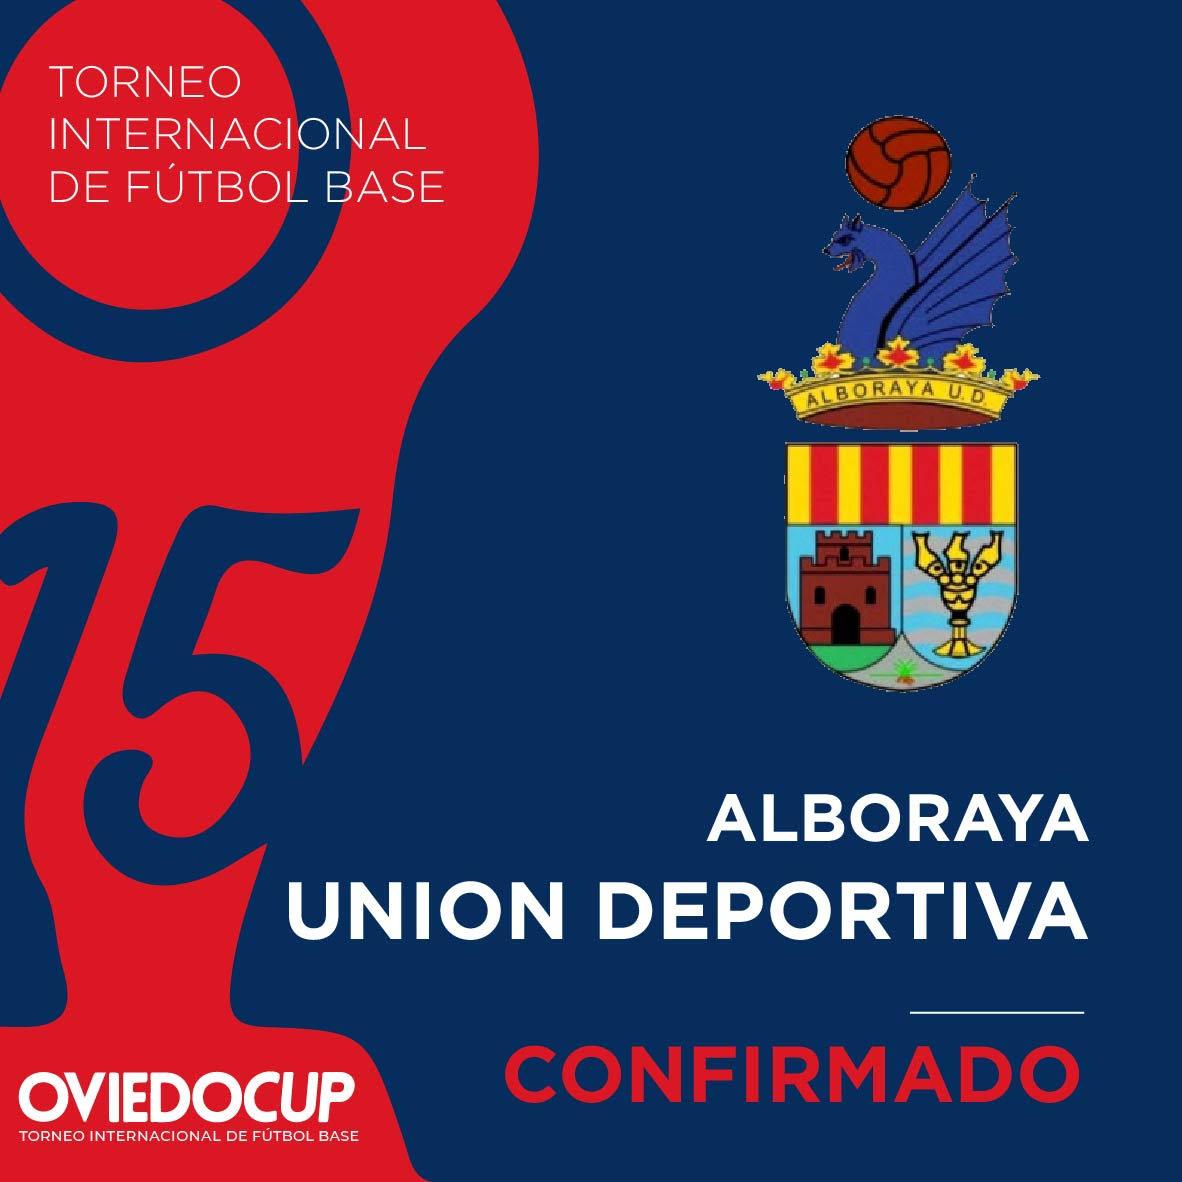   EQUIPO CONFIRMADO  ¡¡El club valenciano estará presente en la #OviedoCup2020!! @alborayaud  #TorneoInternacional #FútboBase #OviedoCup #XVEdición #SemanaSantapic.twitter.com/v1VdJ7m2VJ